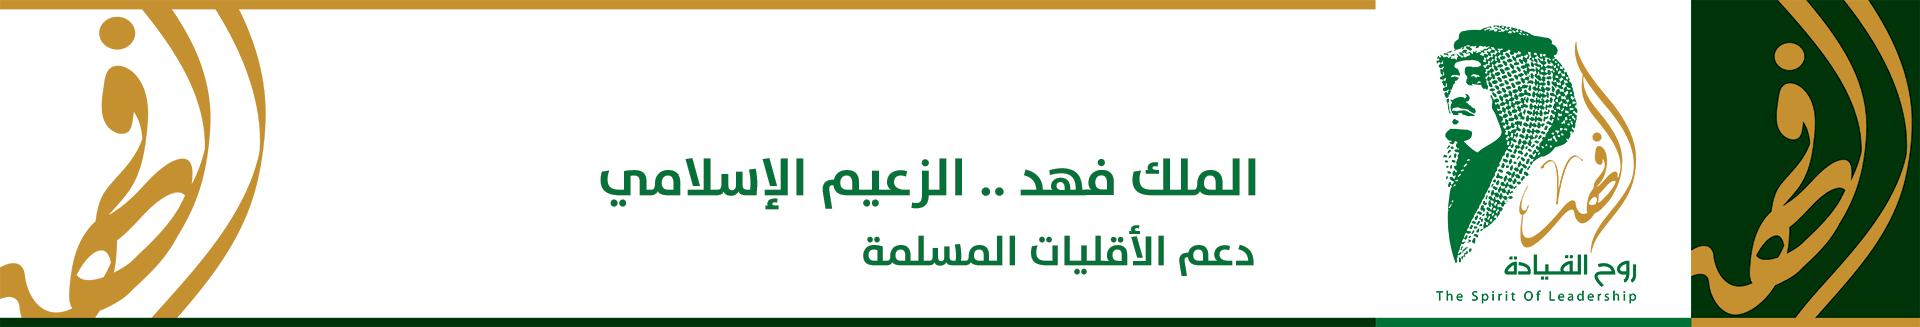 الملك فهد ودعم الأقليات المسلمة